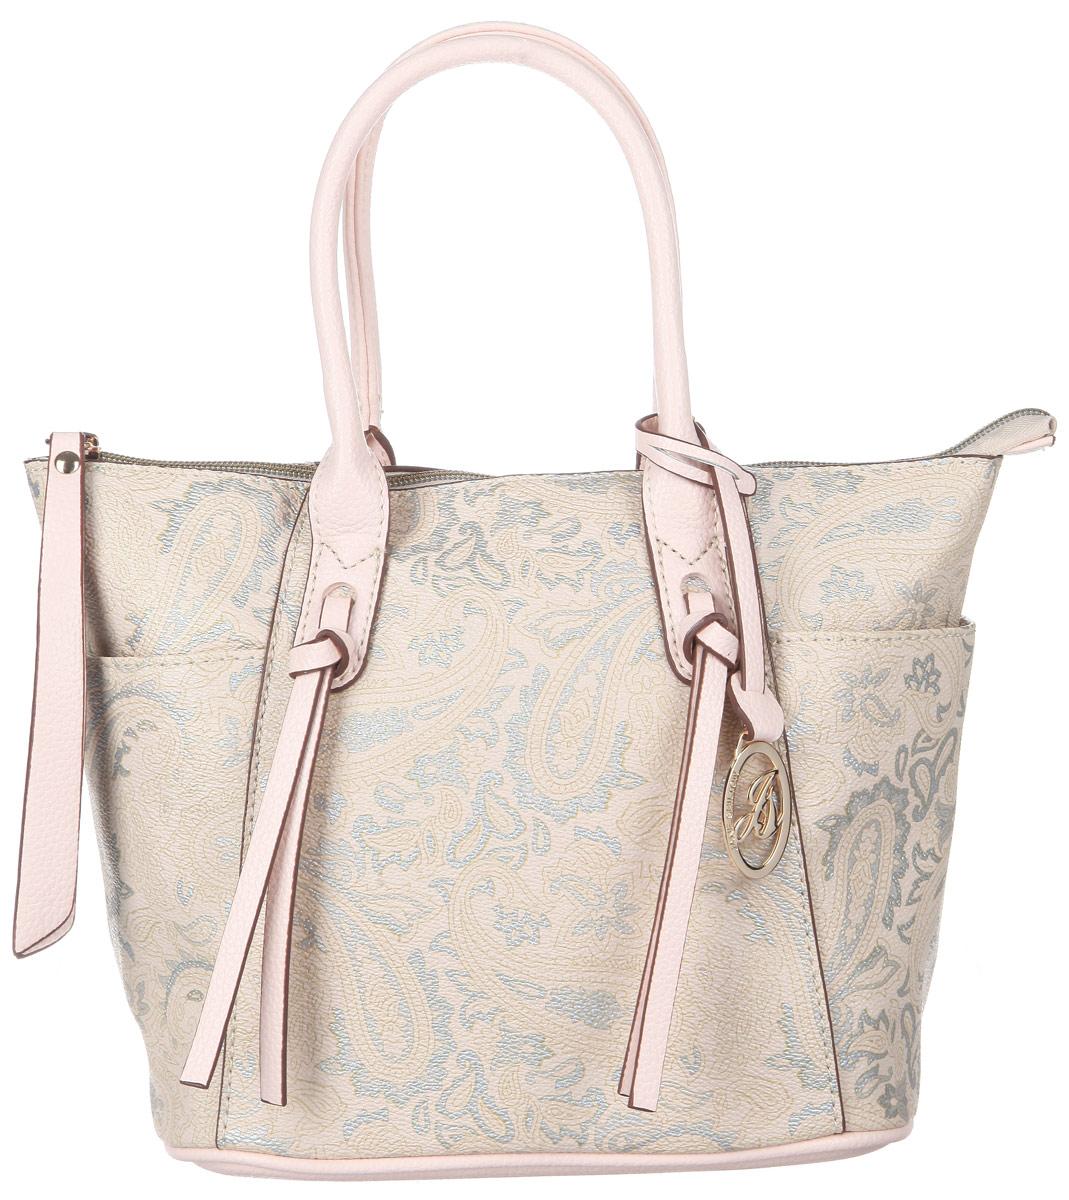 Сумка женская Jane Shilton, цвет: бежевый, светло-розовый, серебристый. 20862086ivСтильная женская сумка Jane Shilton, выполненная из искусственной кожи, оформлена оригинальным принтом и дополнена фирменным брелоком. Изделие имеет одно основное отделение, которое закрывается на застежку-молнию. Внутри находятся прорезной карман на застежке-молнии и накладной открытый карман. Снаружи, по бокам расположены нашивные открытые карманы. Модель оснащена двумя удобными ручками. В комплект входит съемный плечевой ремень. Роскошная сумка внесет элегантные нотки в ваш образ и подчеркнет ваше отменное чувство стиля.